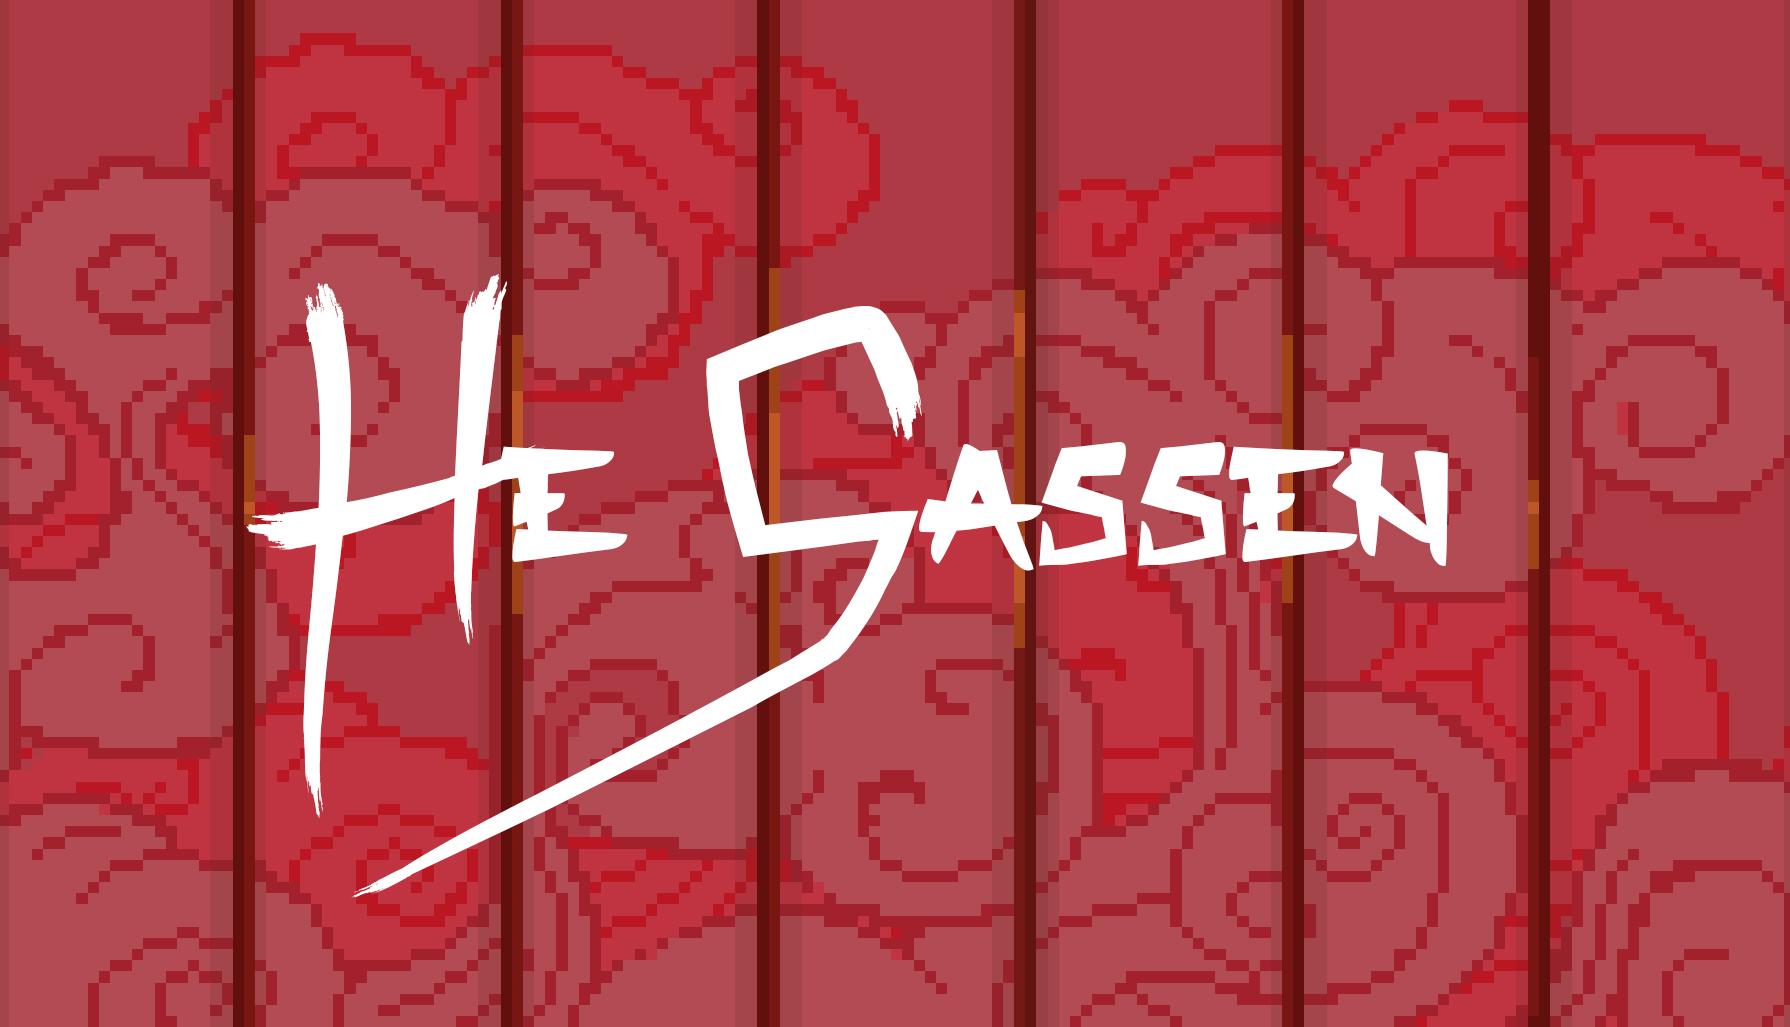 He-Gassen